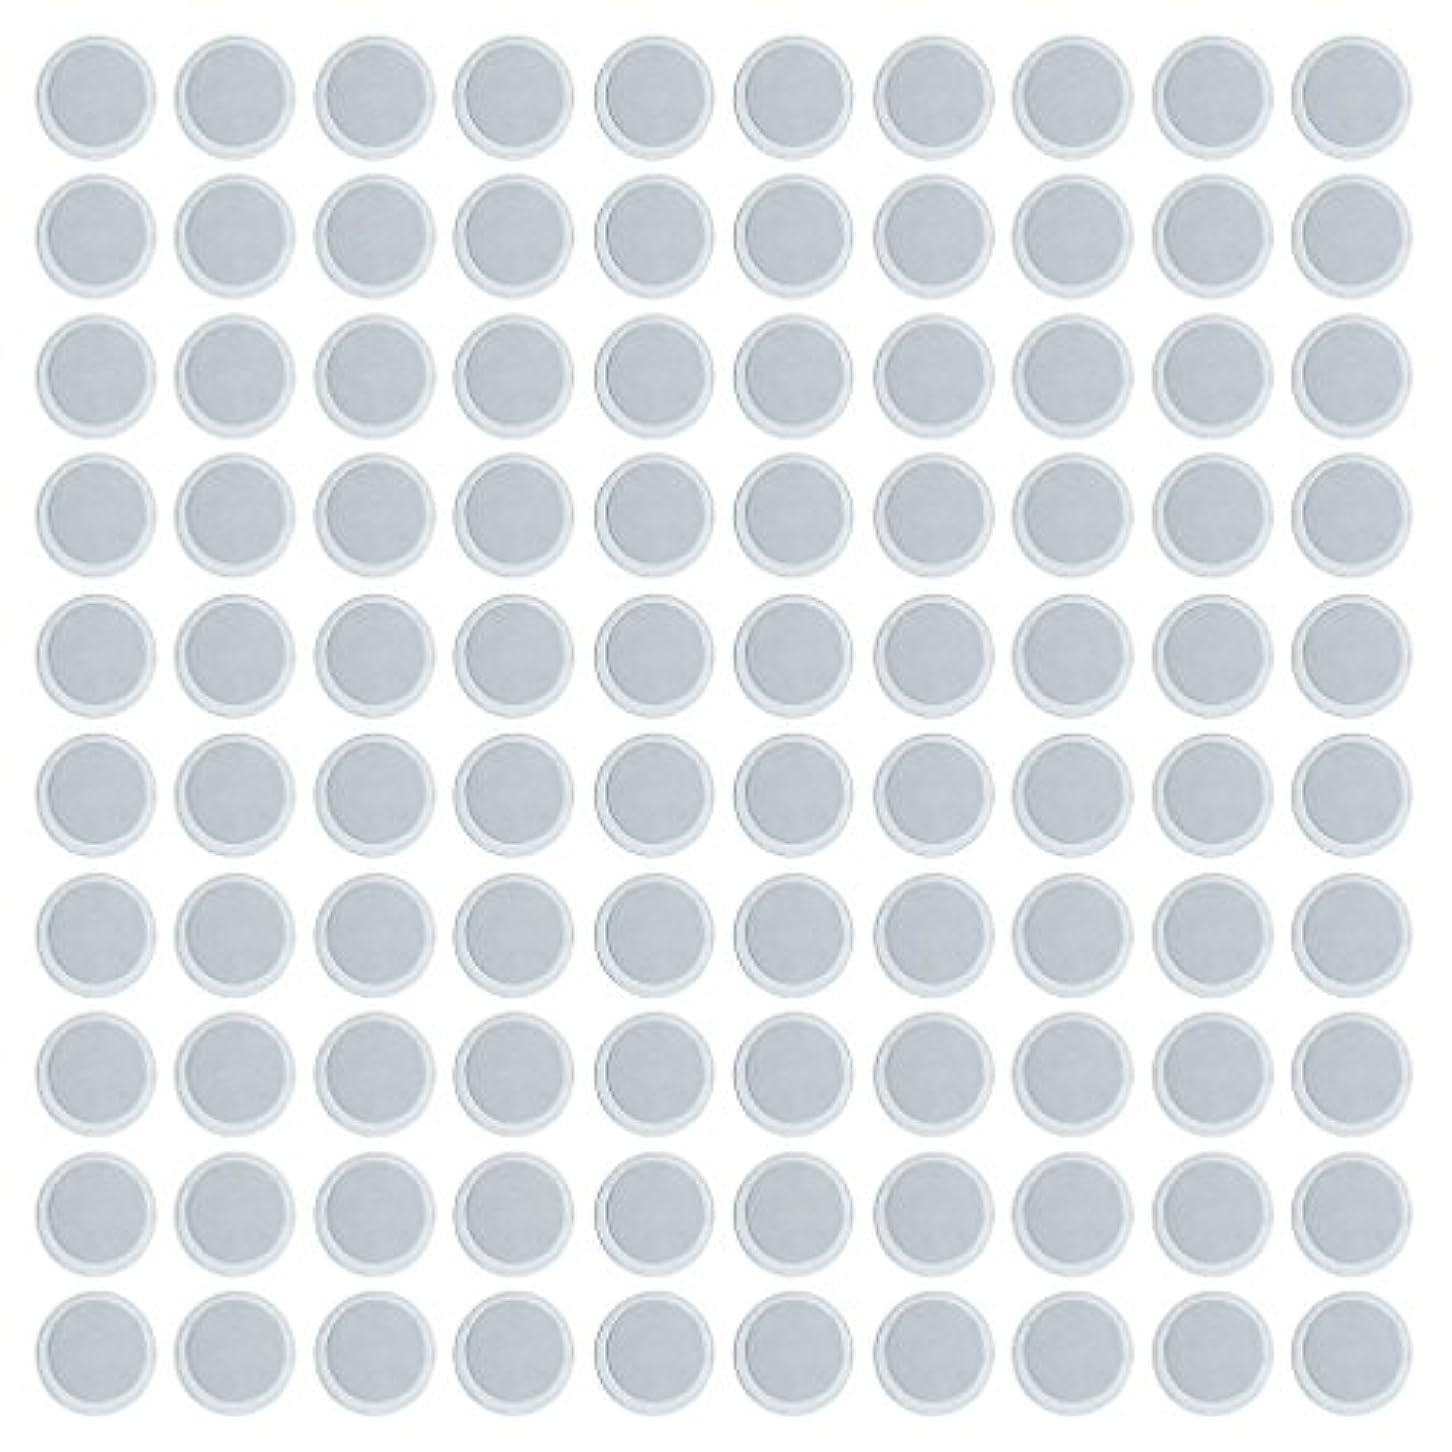 一月実施するいっぱい約100個 メイクアップパン 空パン アイシャドー ブラッシュ メイクアップ 磁気パレットボックスケース 2タイプ選べ - 円形